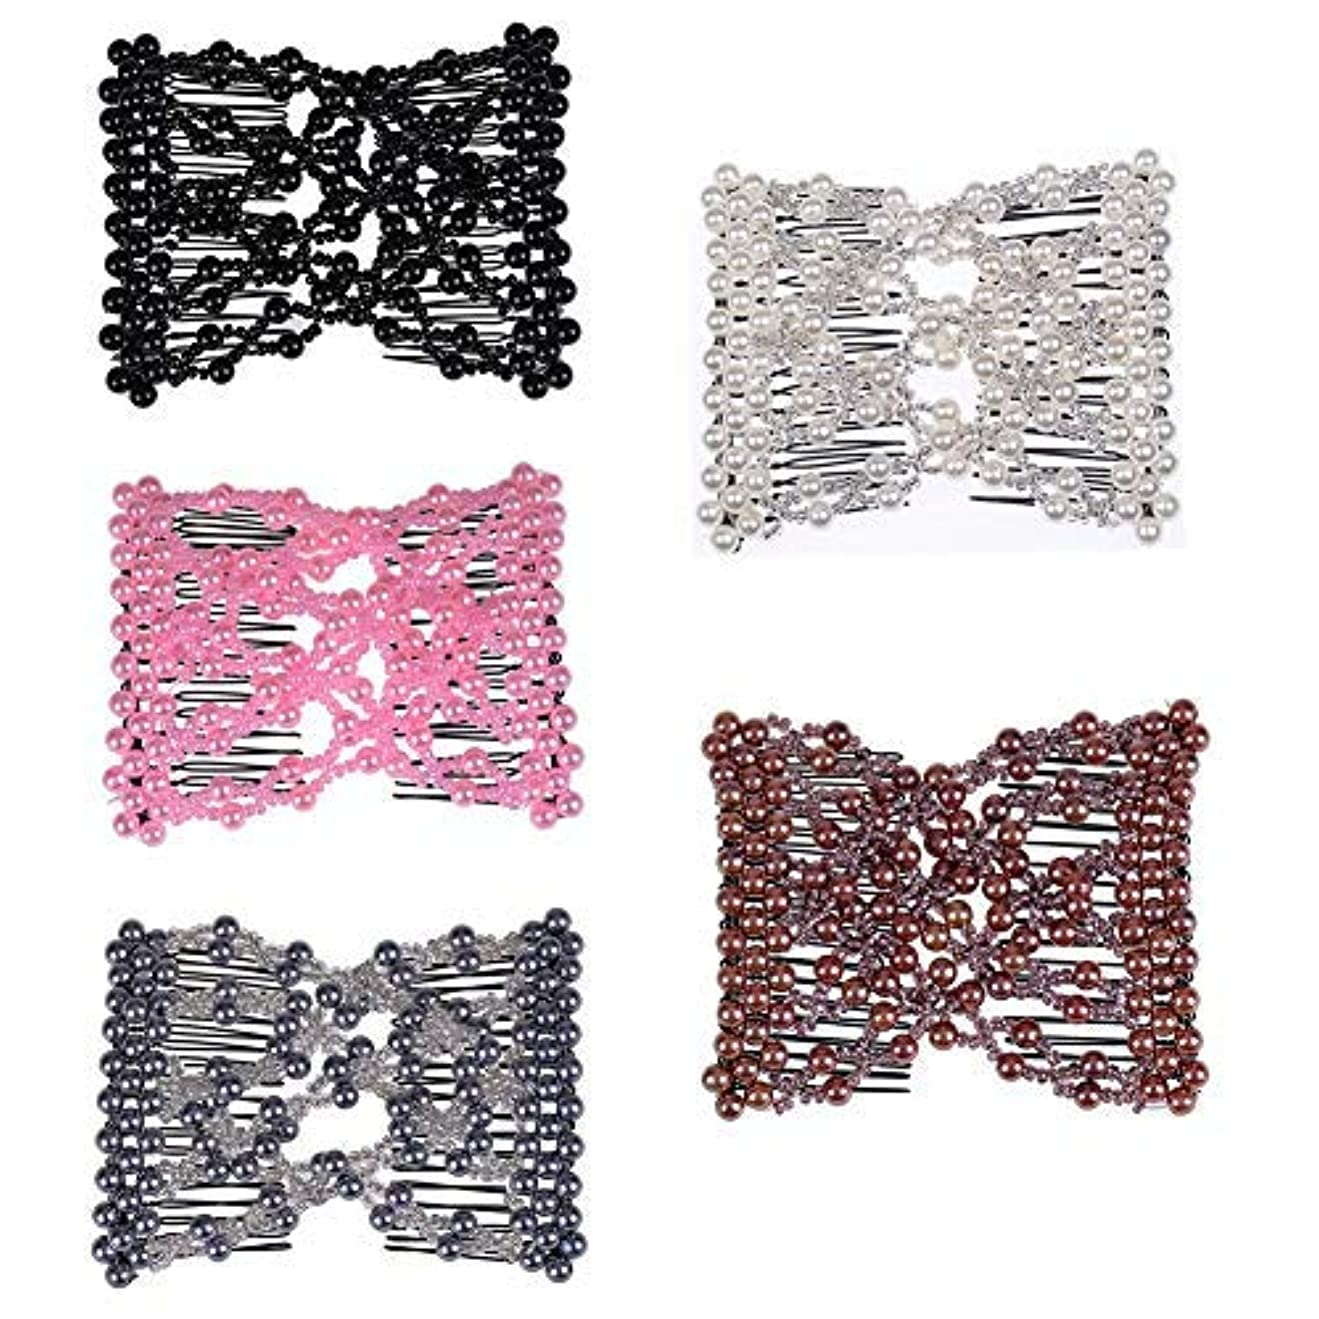 住居年次不要Casualfashion 5Pcs Ez Stretch Beaded Hair Combs Double Magic Slide Metal Comb Clip Hairpins for Women Hair Styling...